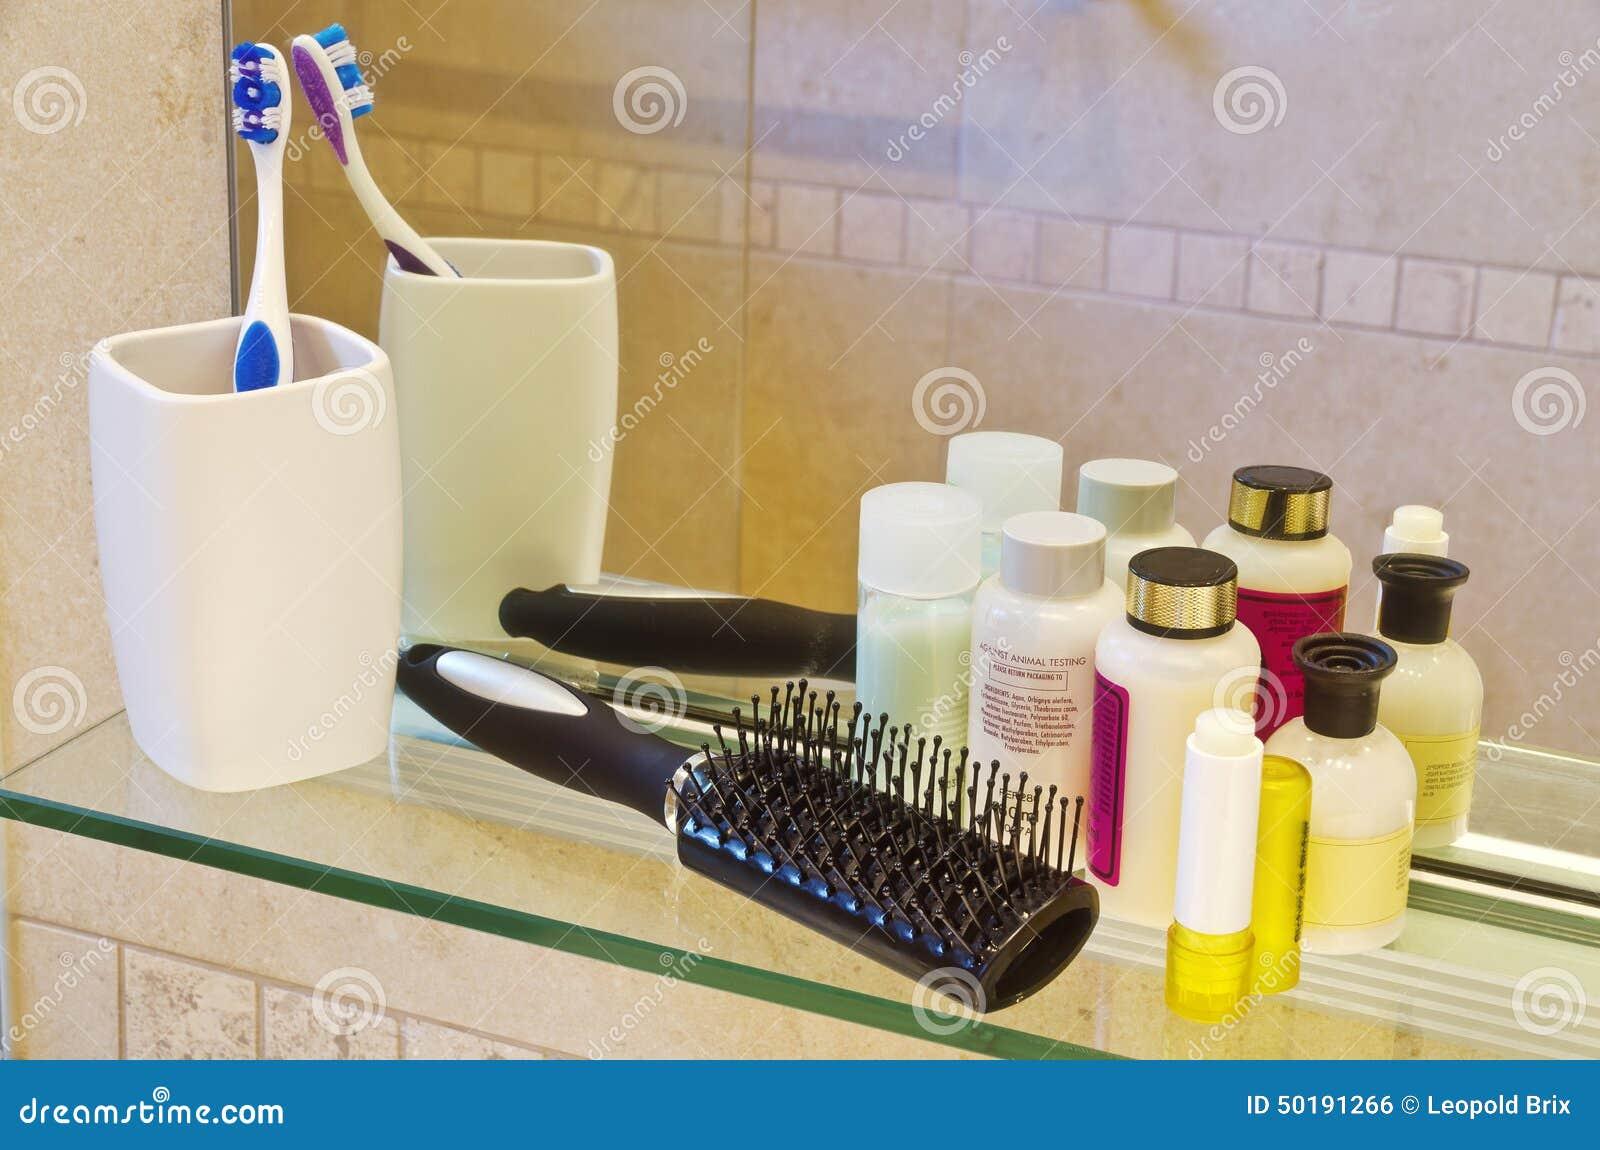 Produits de soin personnel une salle de bain photo stock for Produit salle de bain